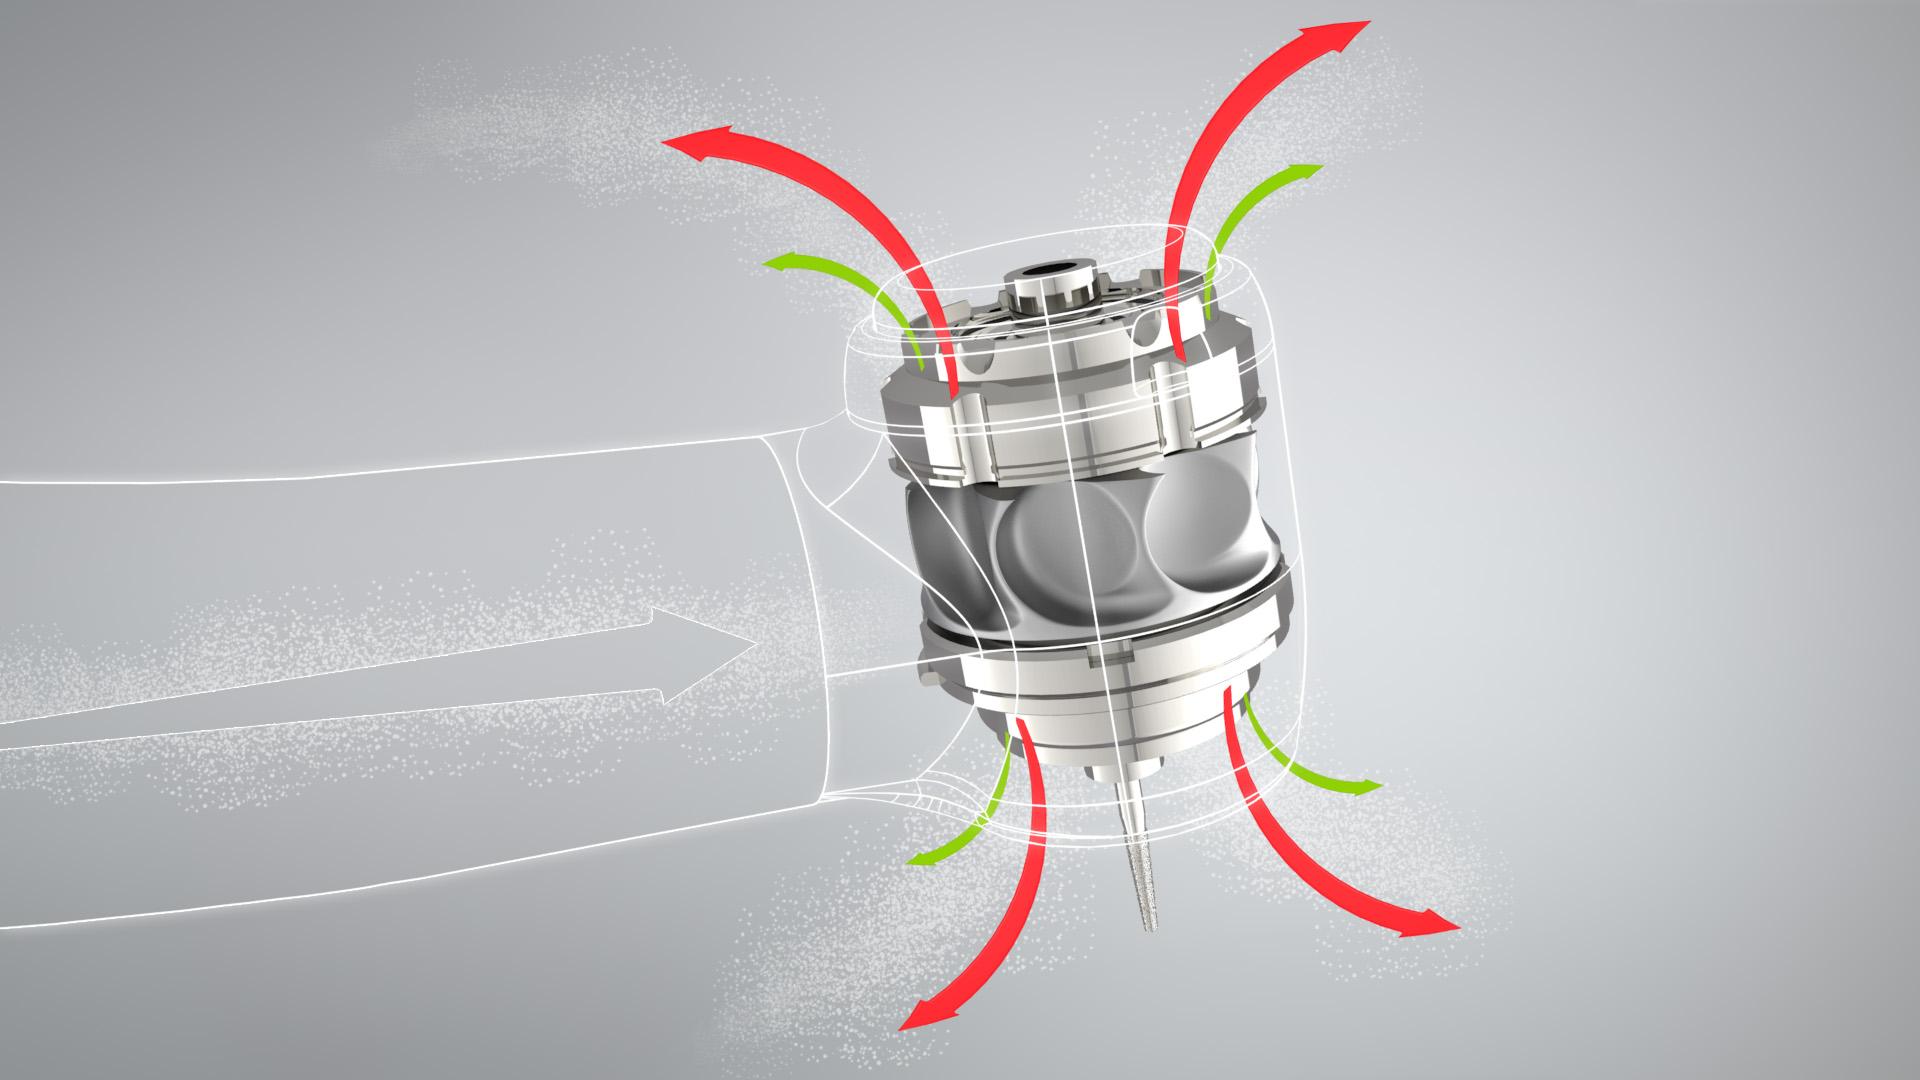 Erzeugen Luftturbinen mehr Aerosole als elektrische Schnelllaufwinkelstücke?